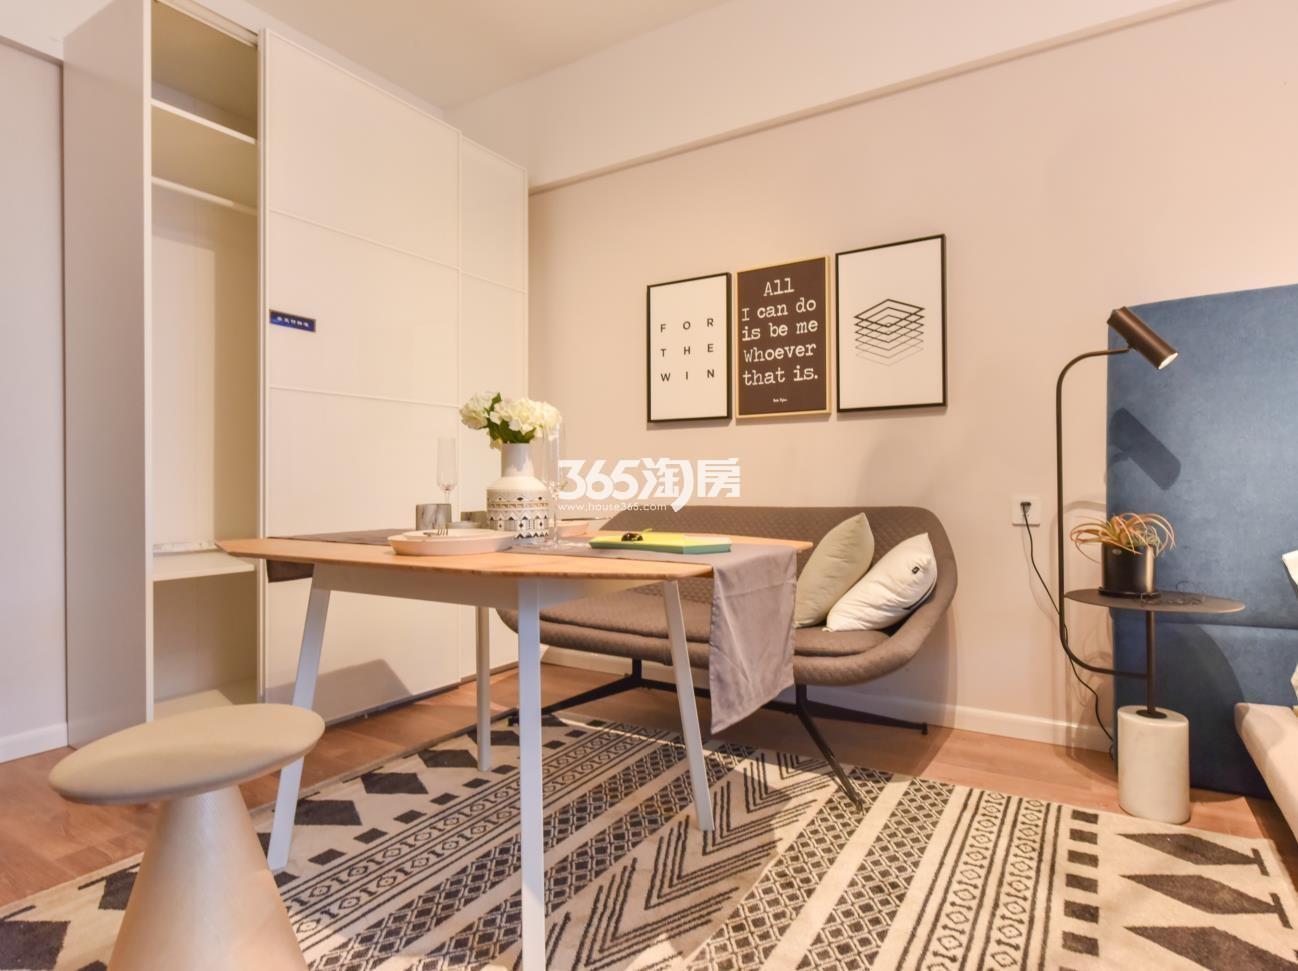 KingMall未来中心公寓客厅样板间